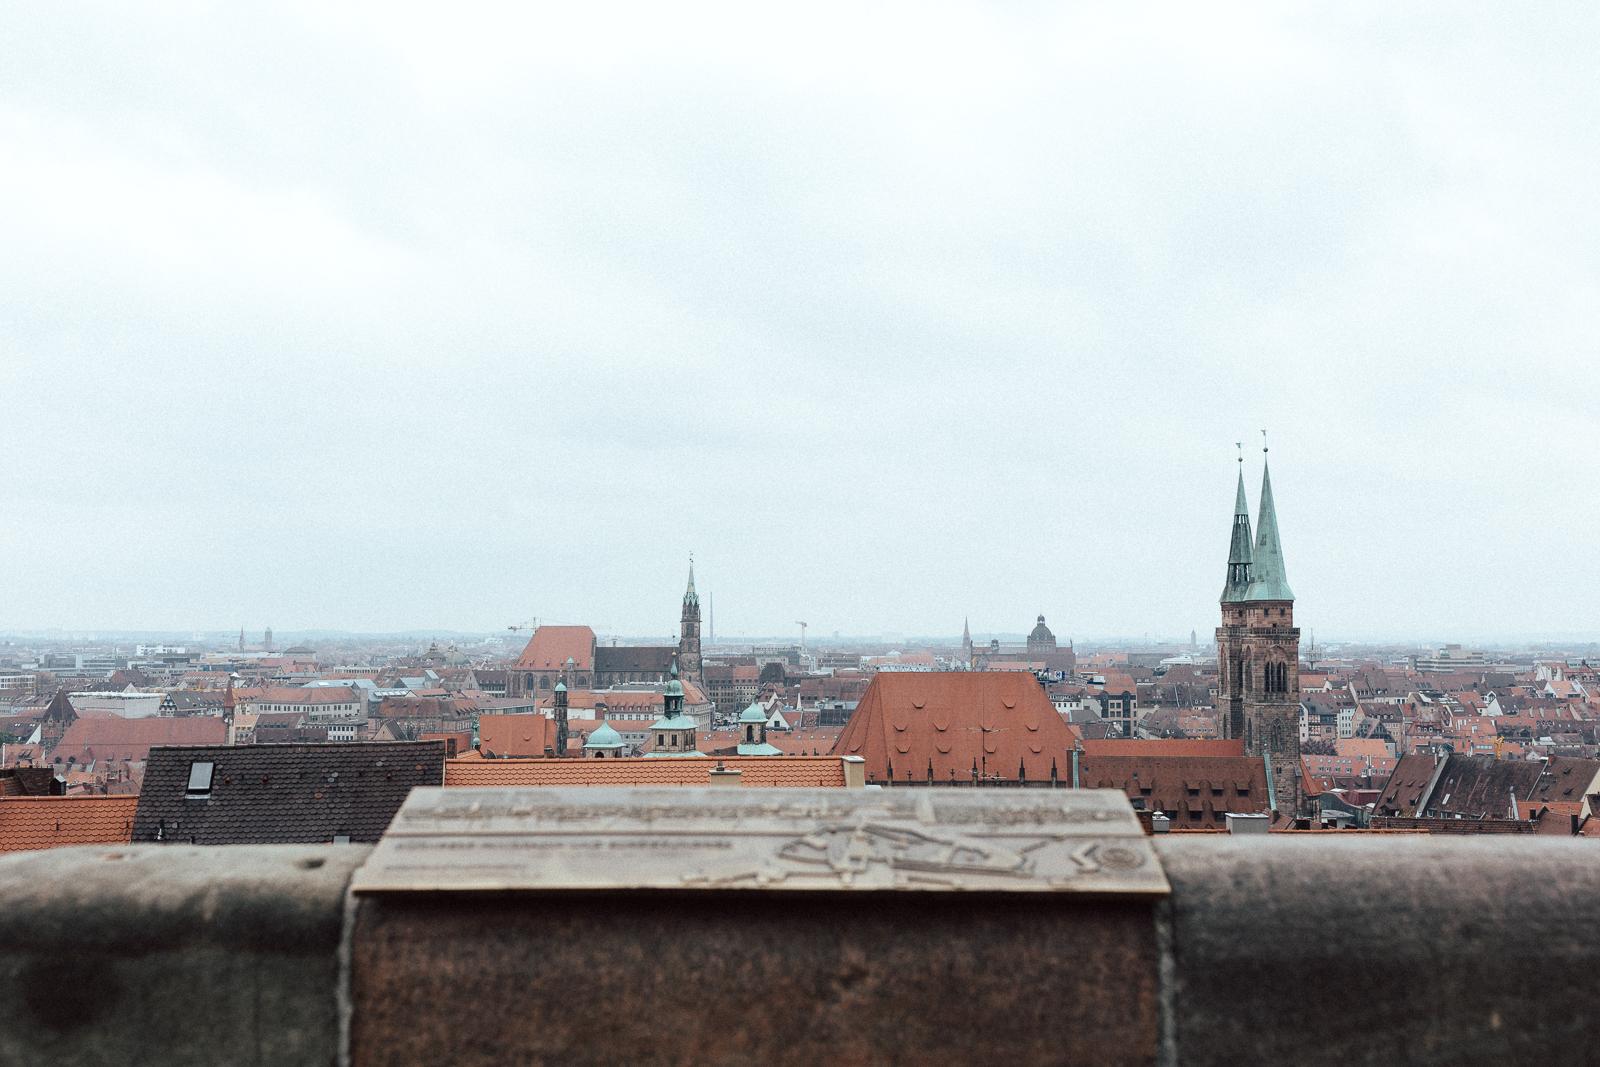 URBANERIE_Daniela_Goth_Fotografin_Nürnberg_Fürth_Erlangen_Schwabach_171110_001_0043